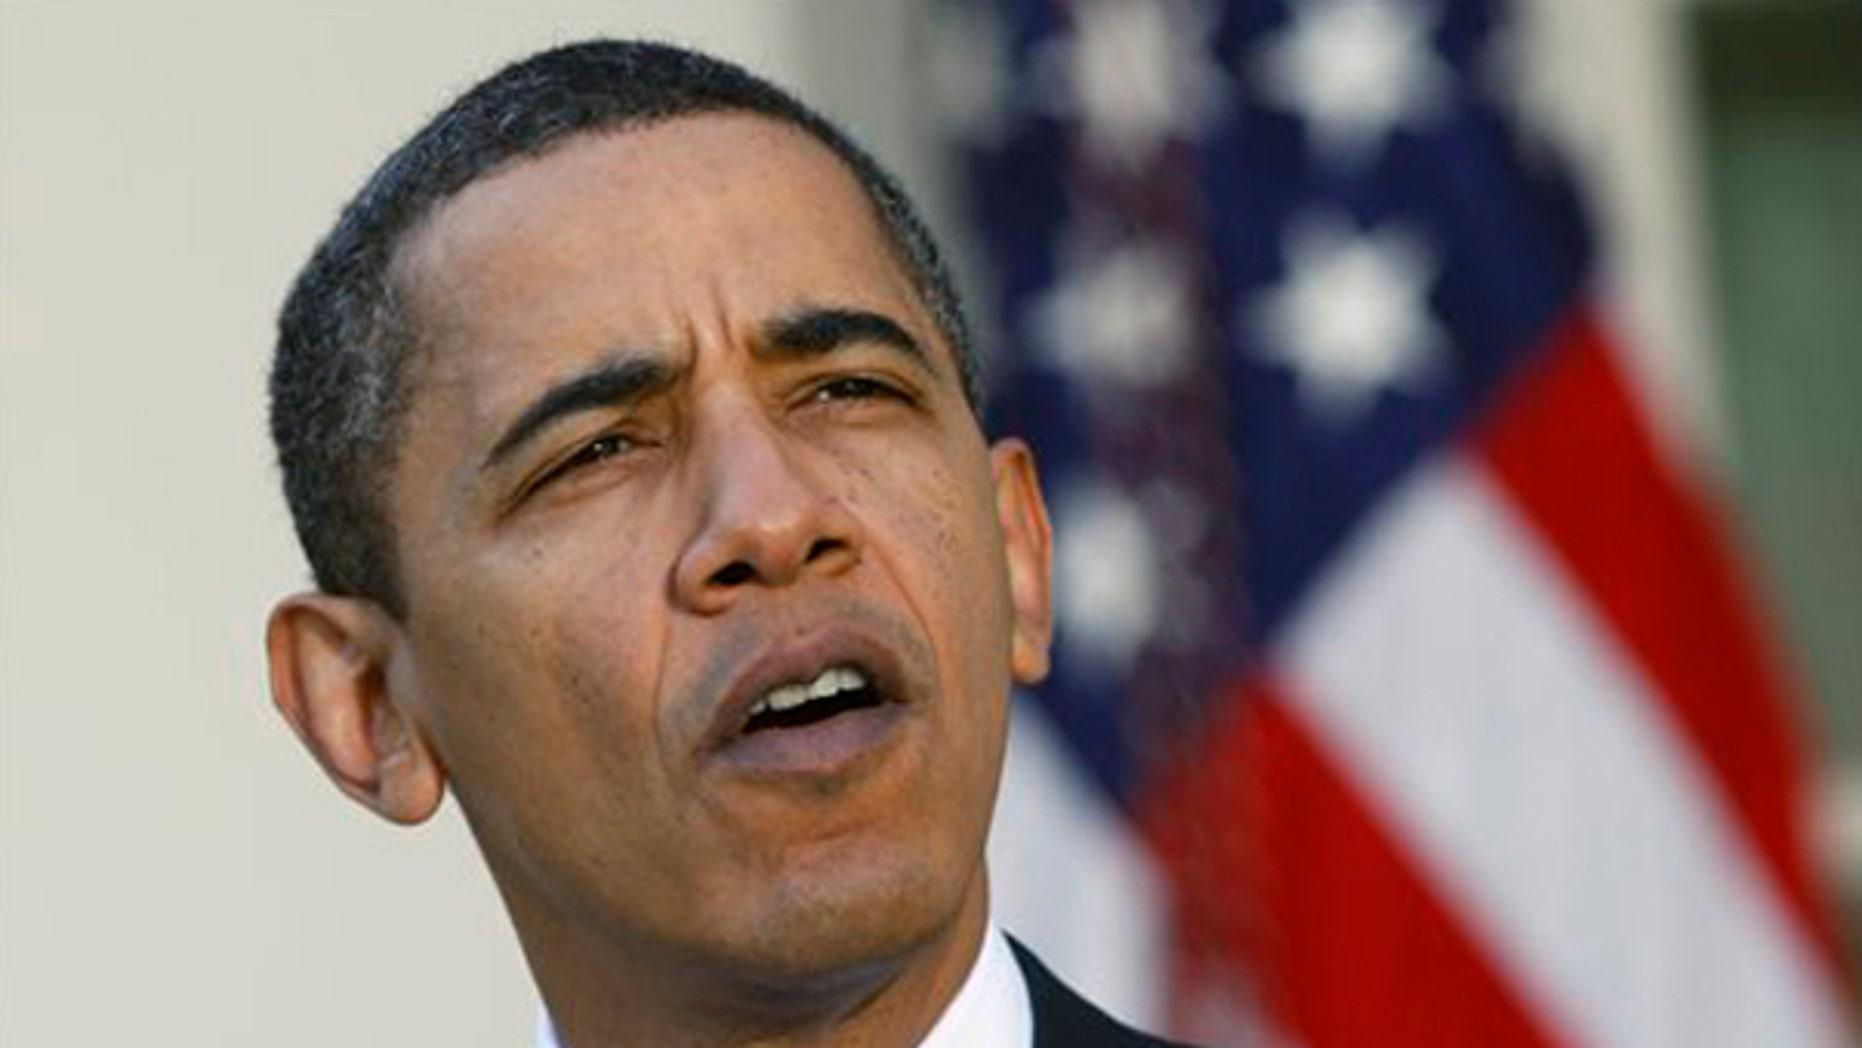 President Obama speaks in the Rose Garden Nov. 8. (AP Photo)